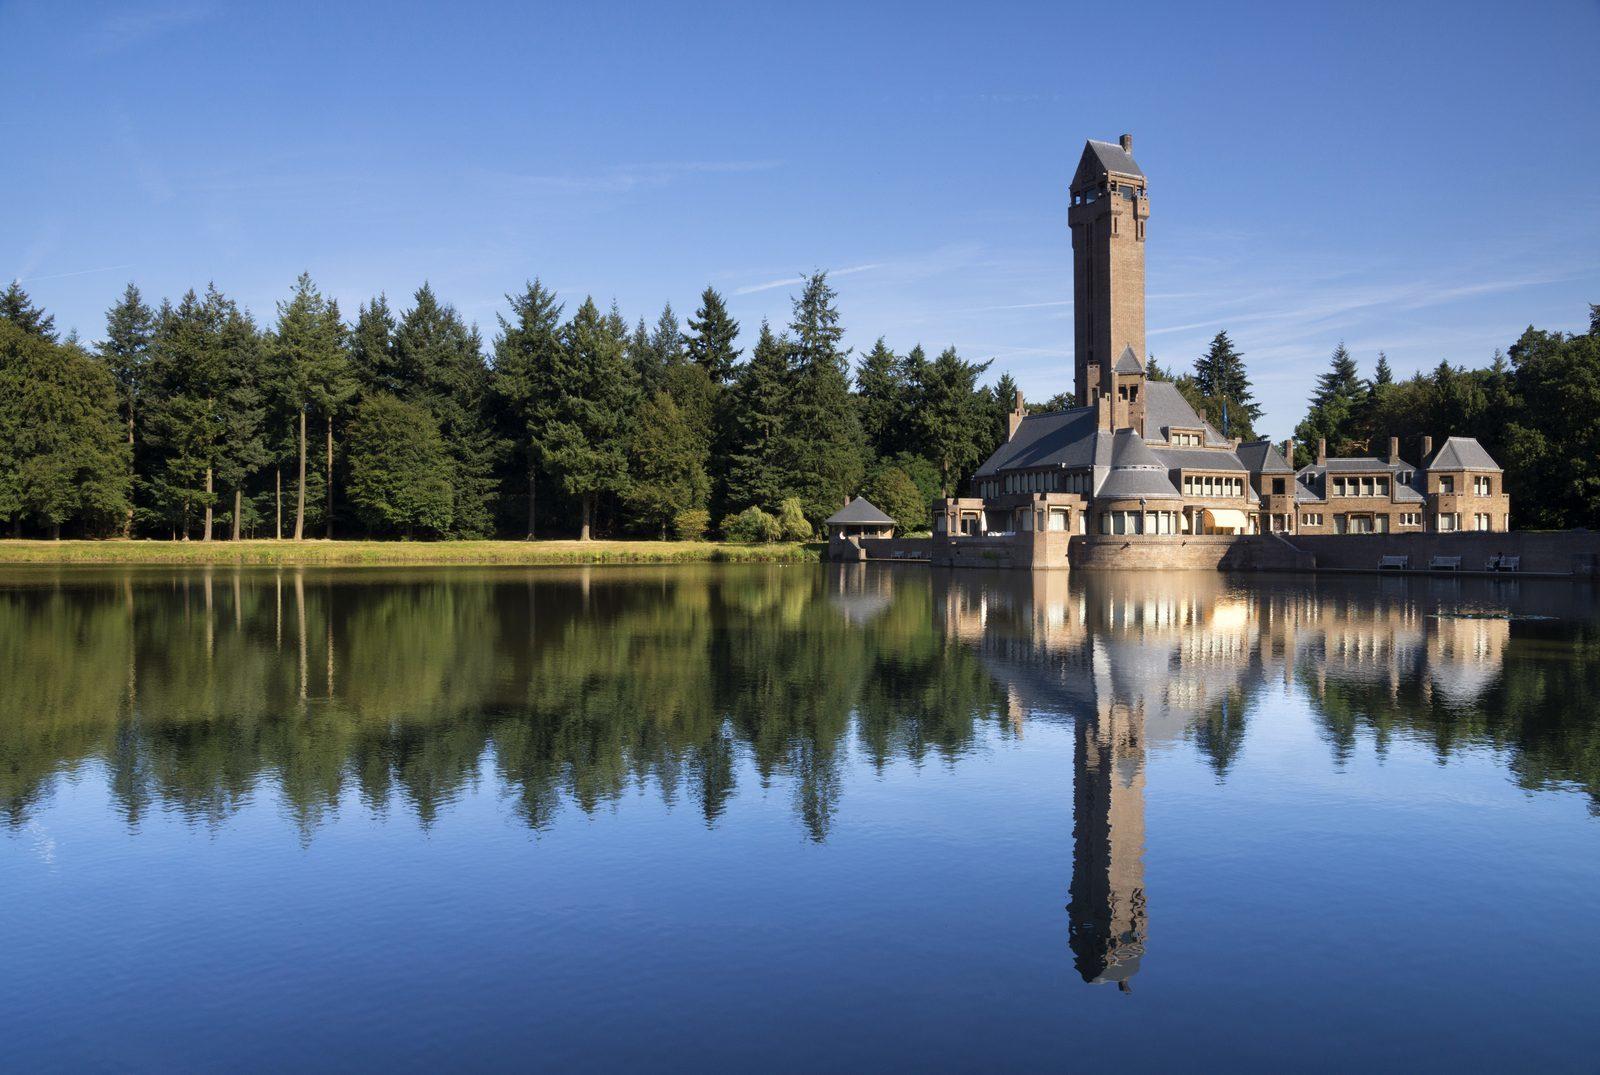 Saint-Hubert dans le parc national De Hoge Veluwe